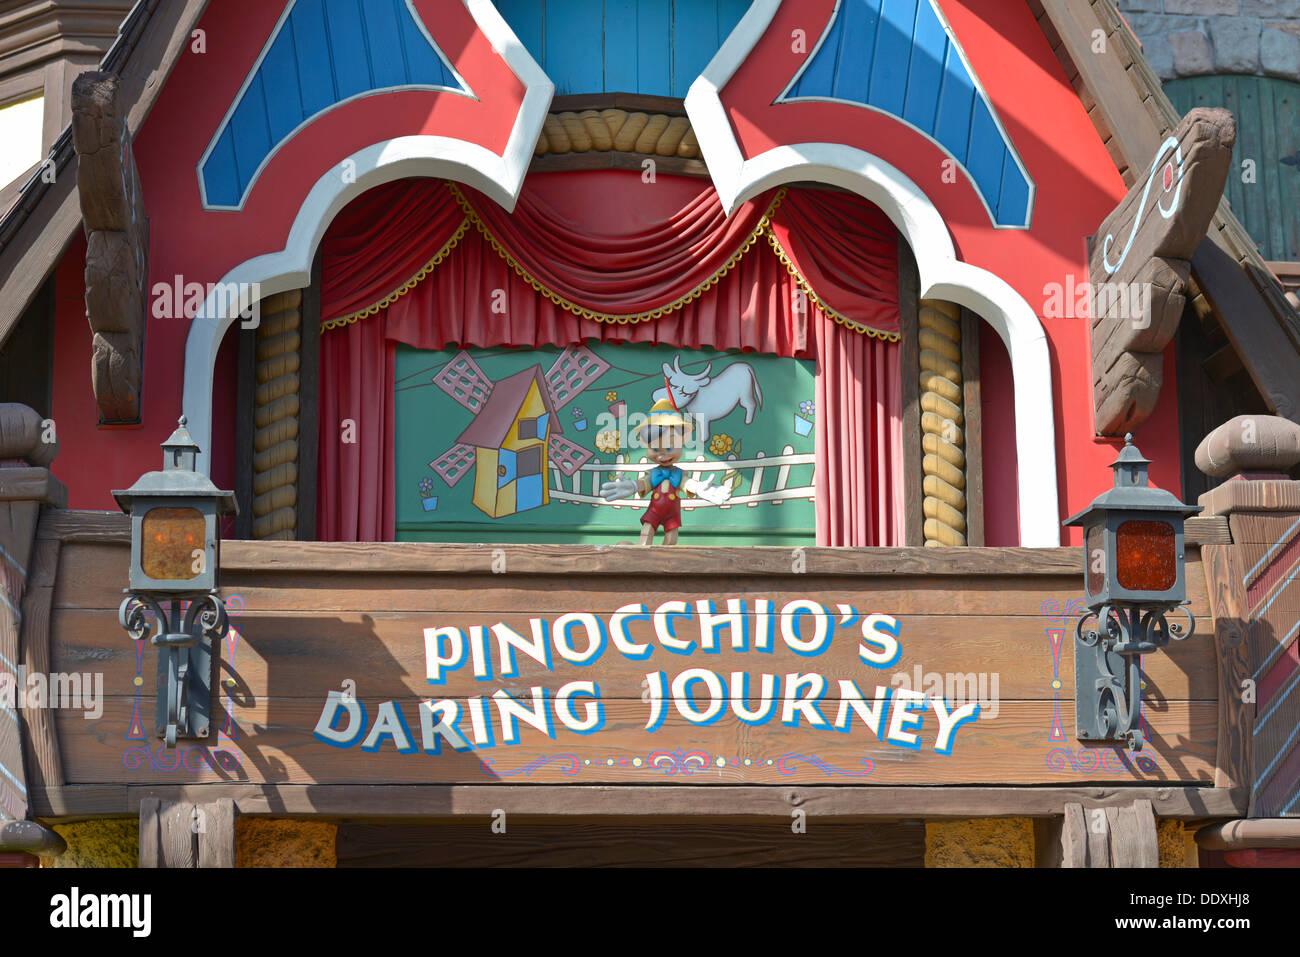 Pinocchio's Daring Journey, Pinocchio Ride, Disneyland, Anaheim, California - Stock Image